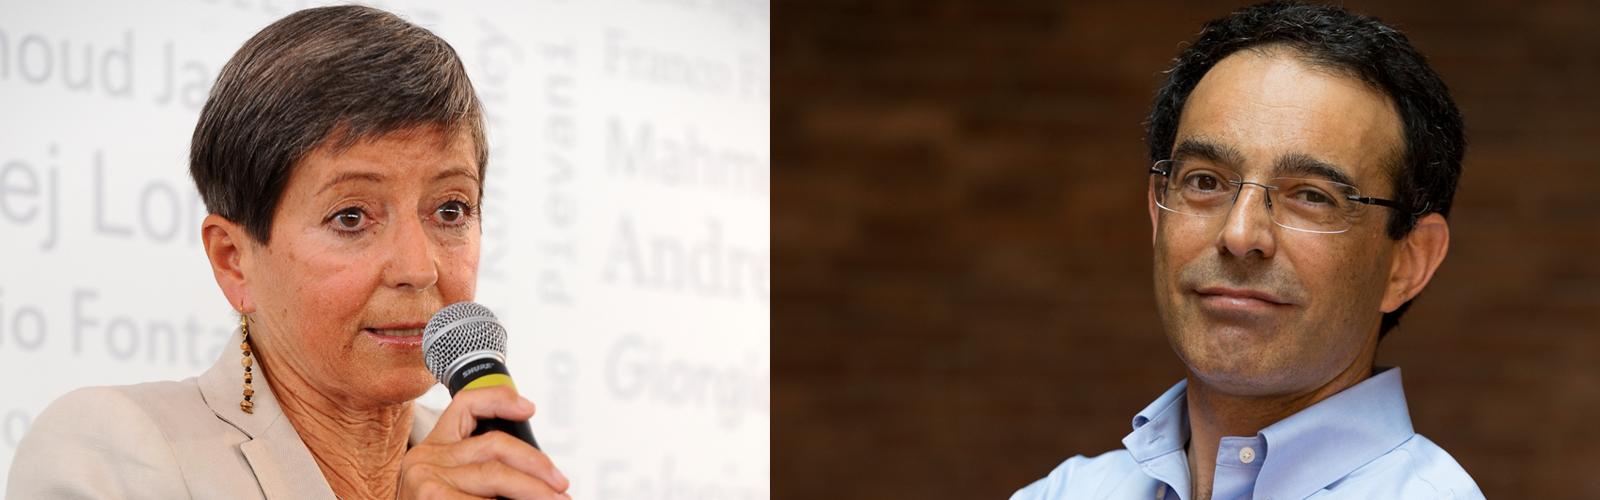 Keynote speaker dell'undicesimo convegno nazionale di AssoCounseling: Prof.ssa Laura Boella e Prof. Vito Mancuso